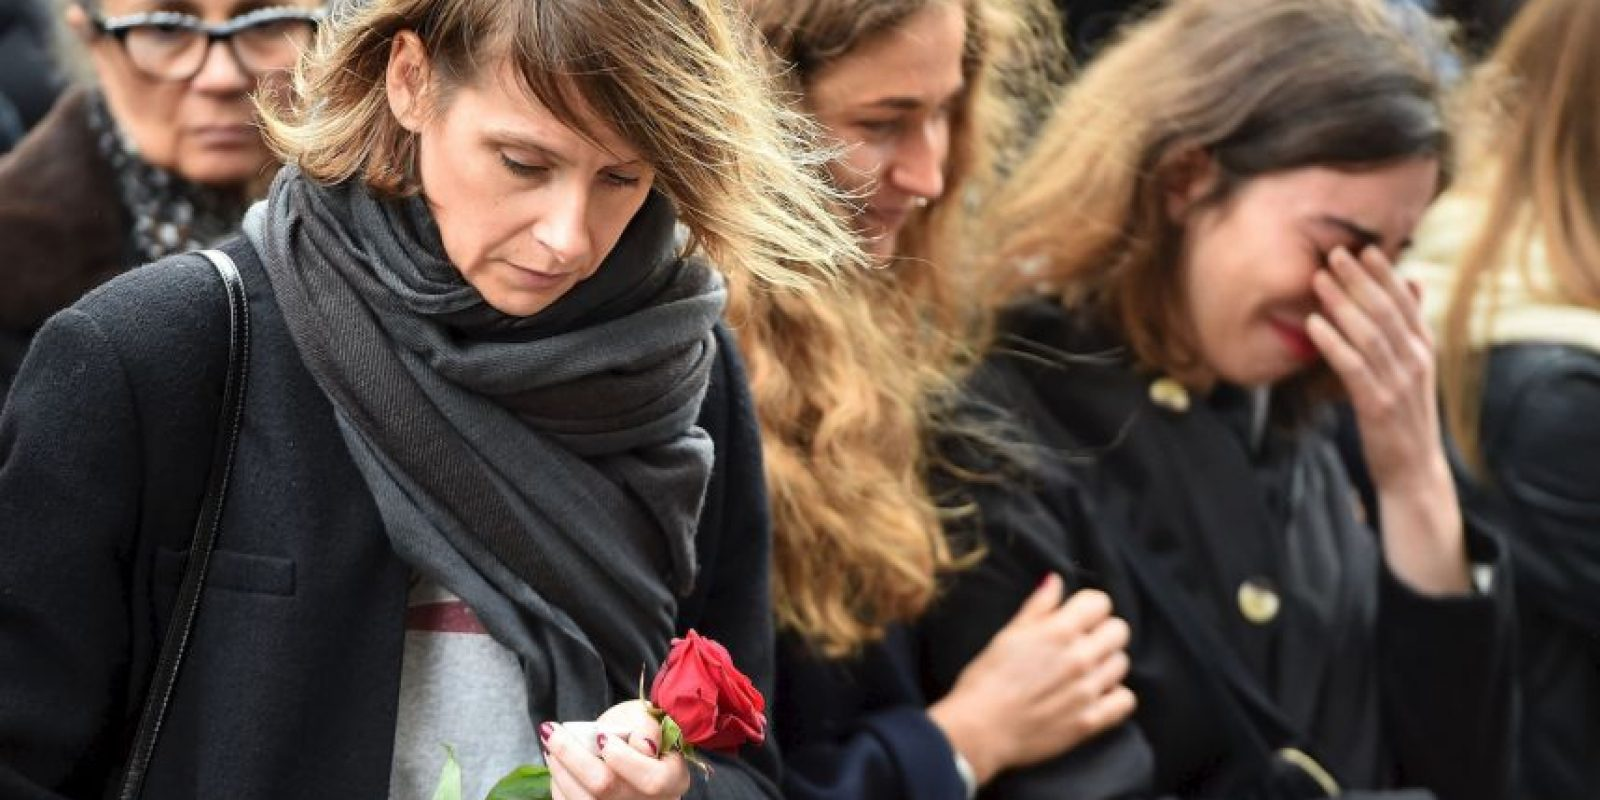 """Hollande ha manifestado: """"Tenemos que ser capaces de expulsar más rápido a los extranjeros que supongan una amenaza a la nación"""". Foto:Getty Images"""